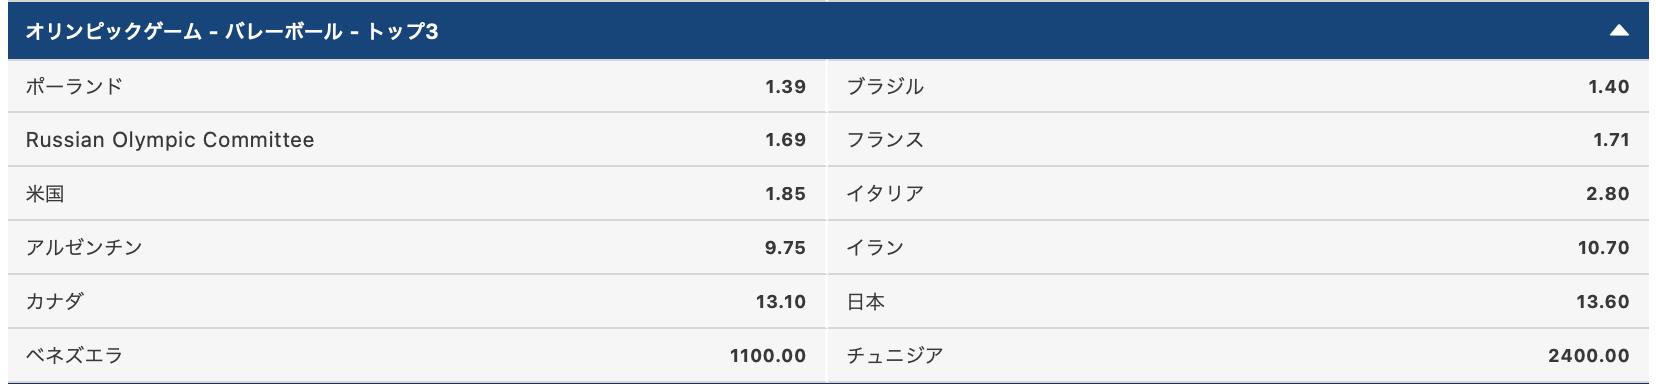 2020東京オリンピック男子バレーボールメダル獲得予想評価